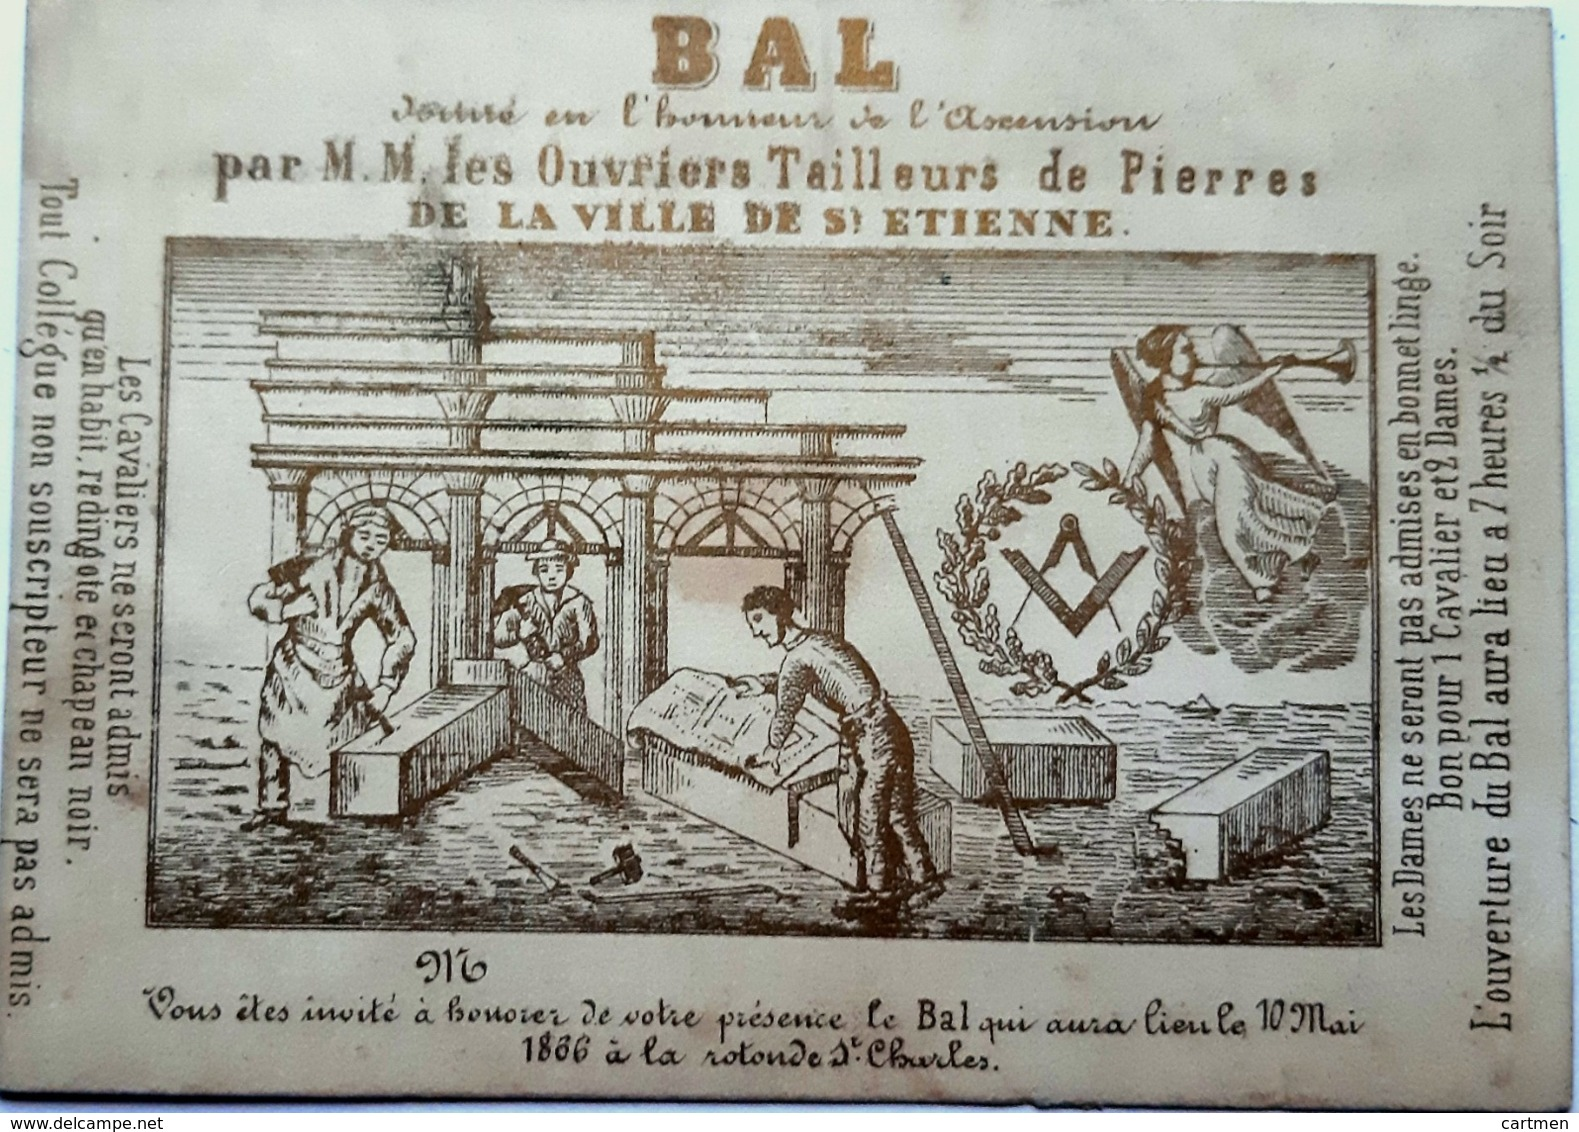 42 SAINT ETIENNE FRANC MACONNERIE COMPAGNONS OUVRIERS TAILLEURS DE PIERRES INVITATION AU BAL ROTONDE 1866 - Historische Dokumente